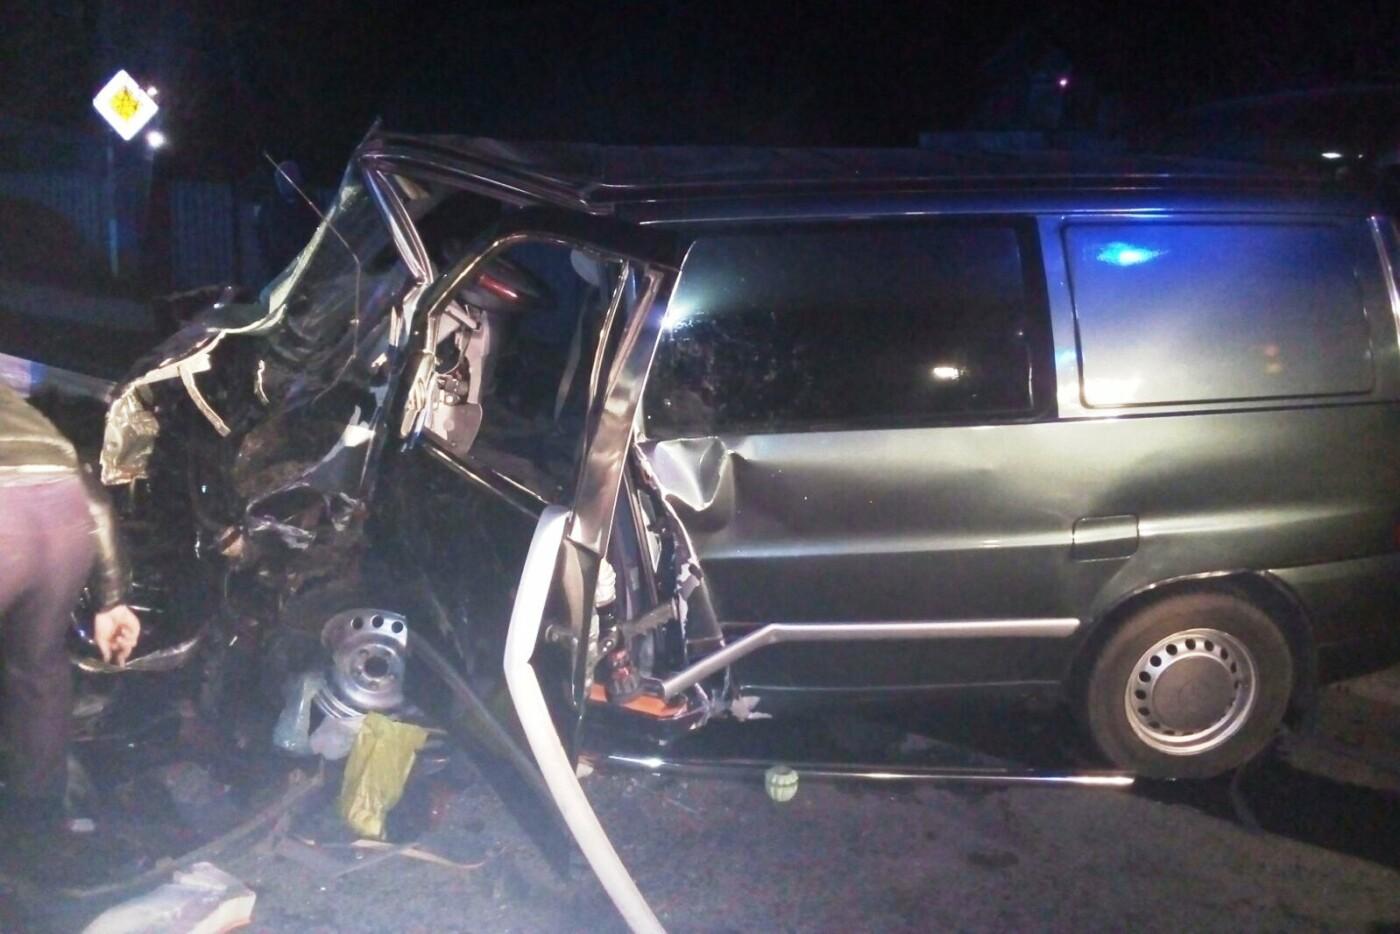 Лобовое столкновение, авто вдребезги и смерть водителя: ДТП на Черниговщине, фото-1